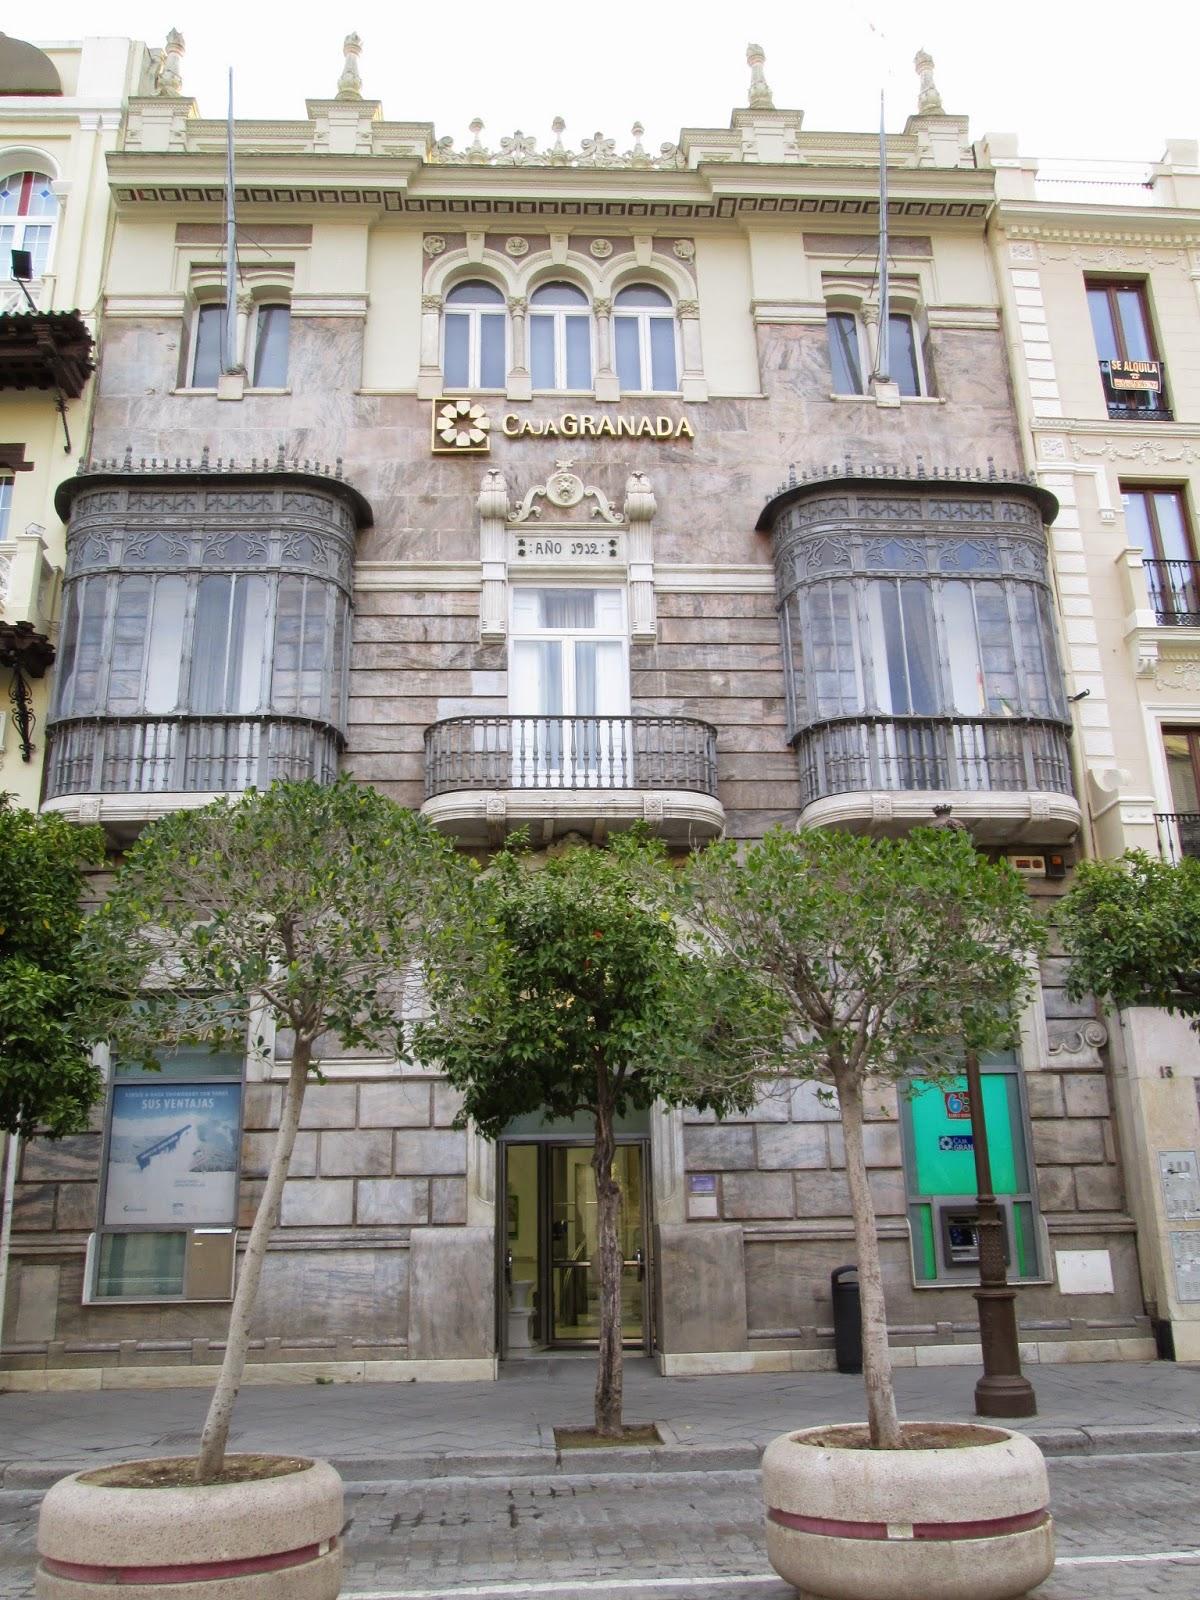 Declaraci n de intenciones arquitectura regionalista en for Bankia oficinas zaragoza